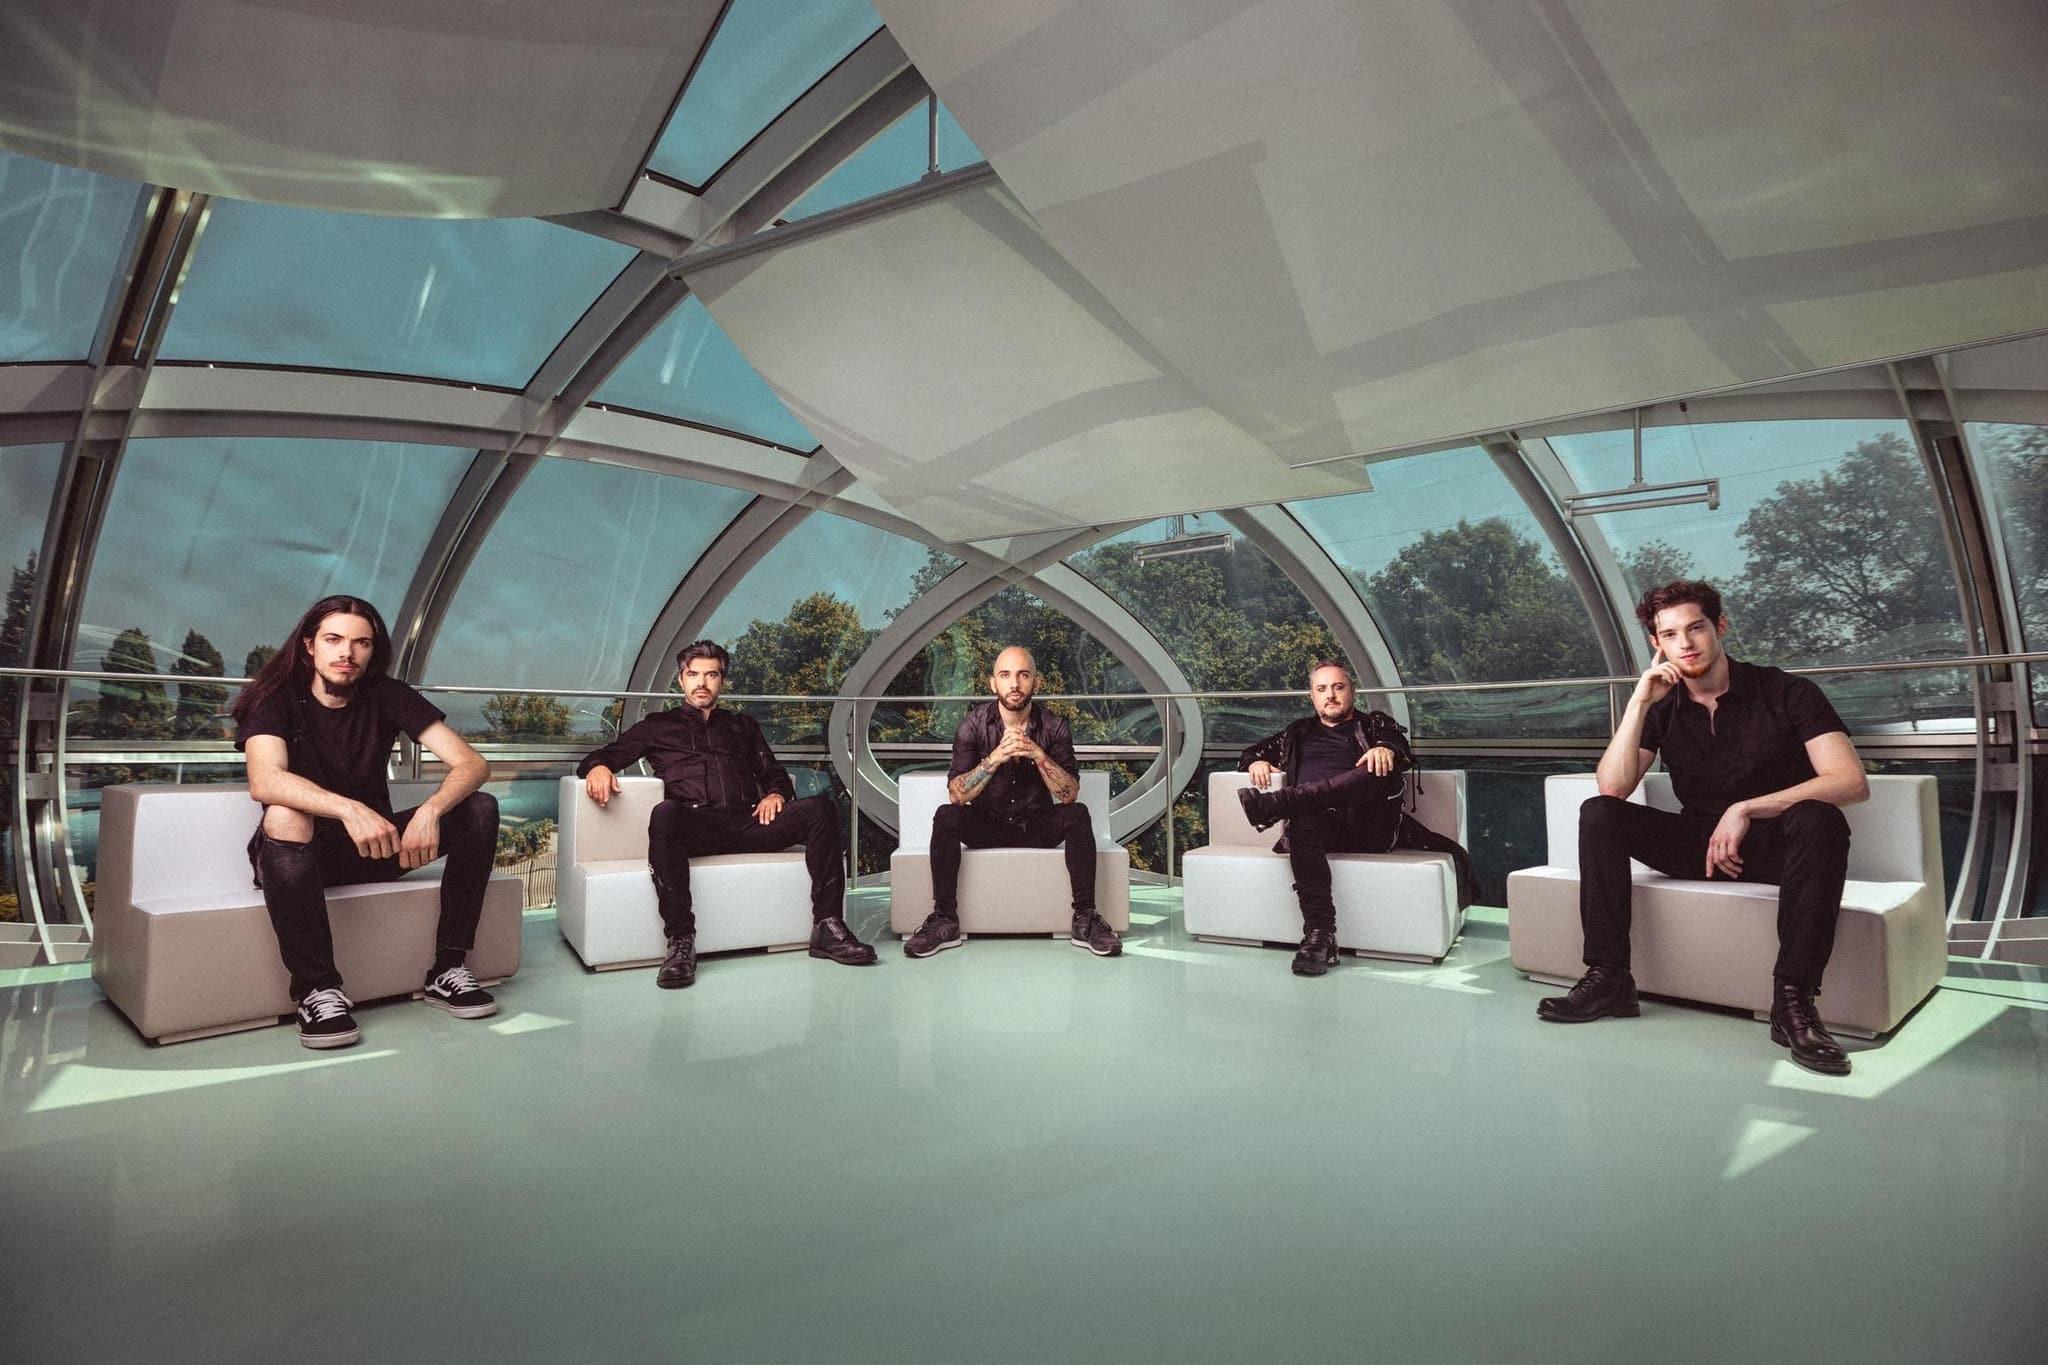 Virtual Symmetry - Photo